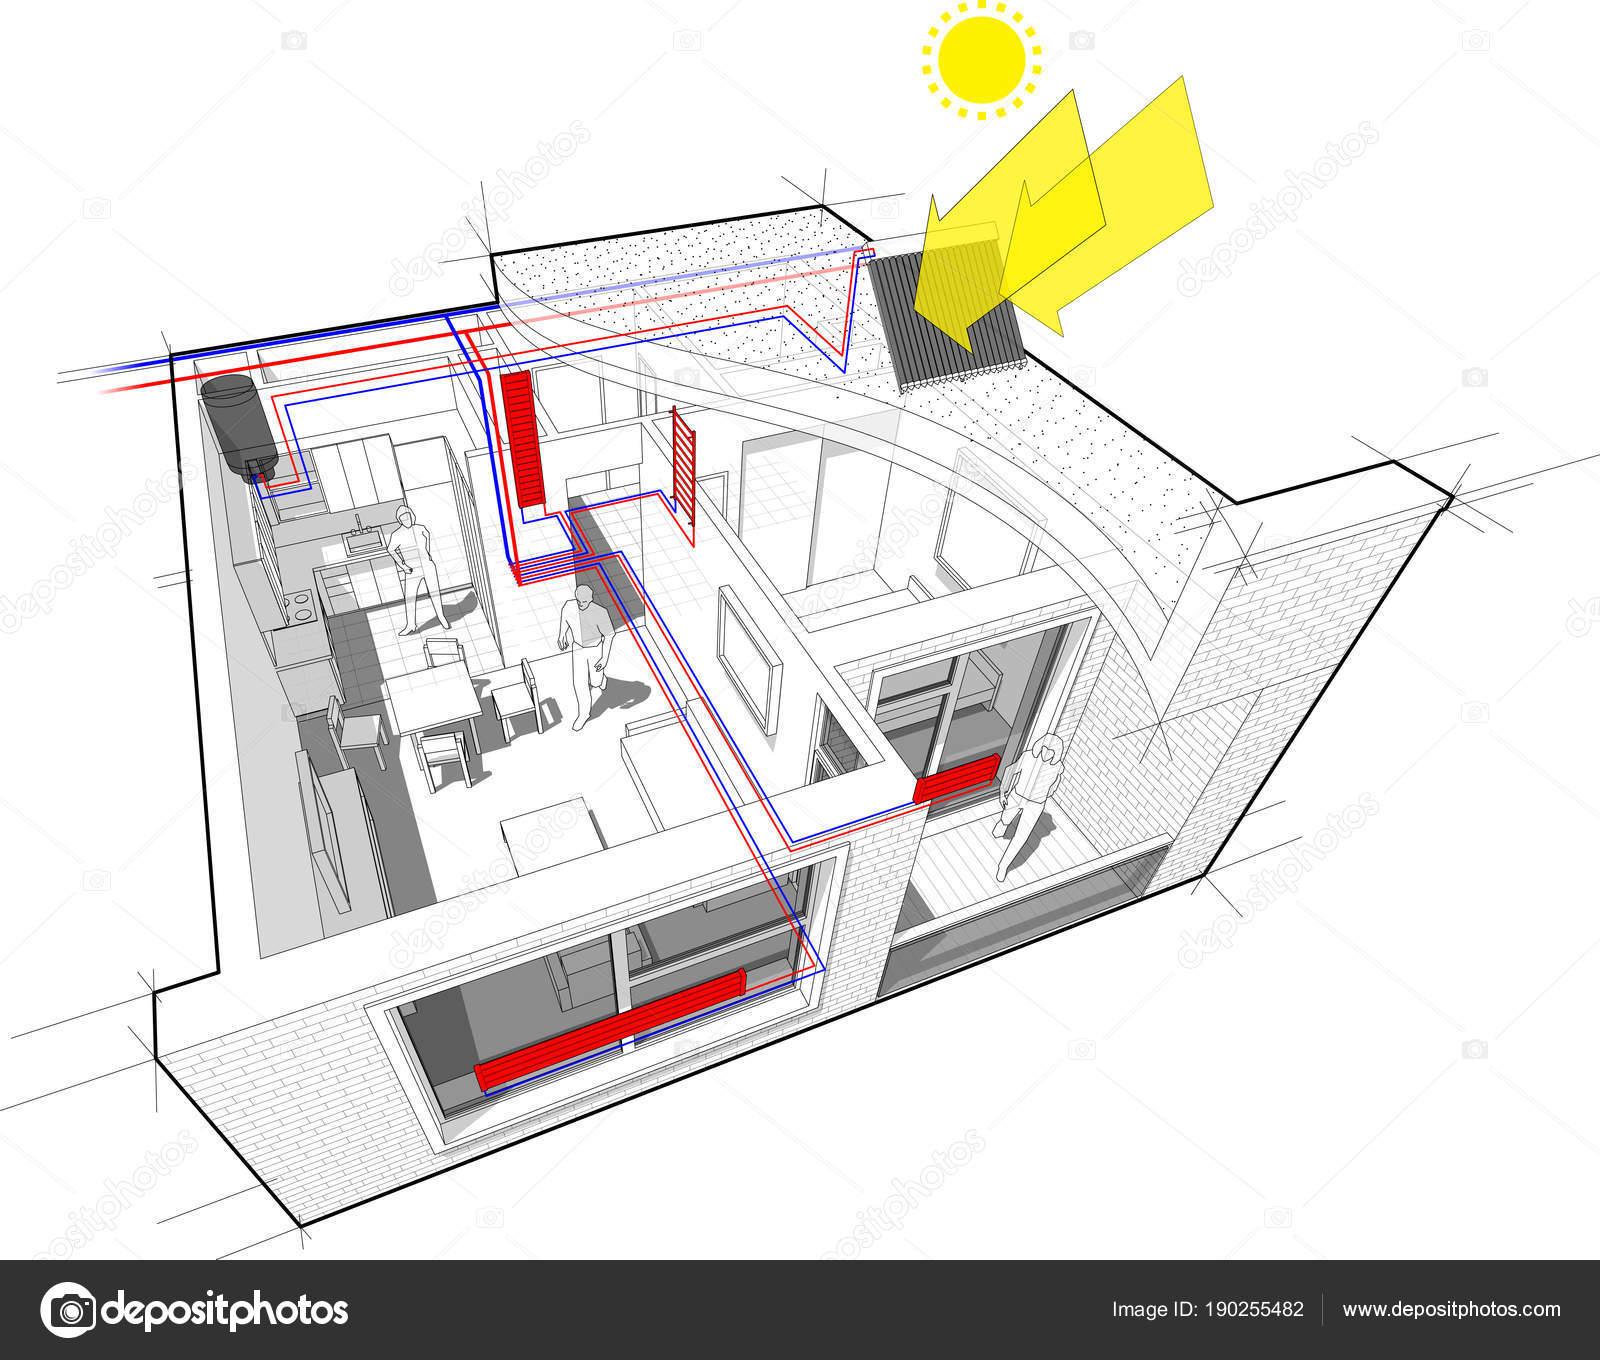 Diagramm Der Wohnung Komplett Möbliert Mit Warmwasser Heizkörper Und ...